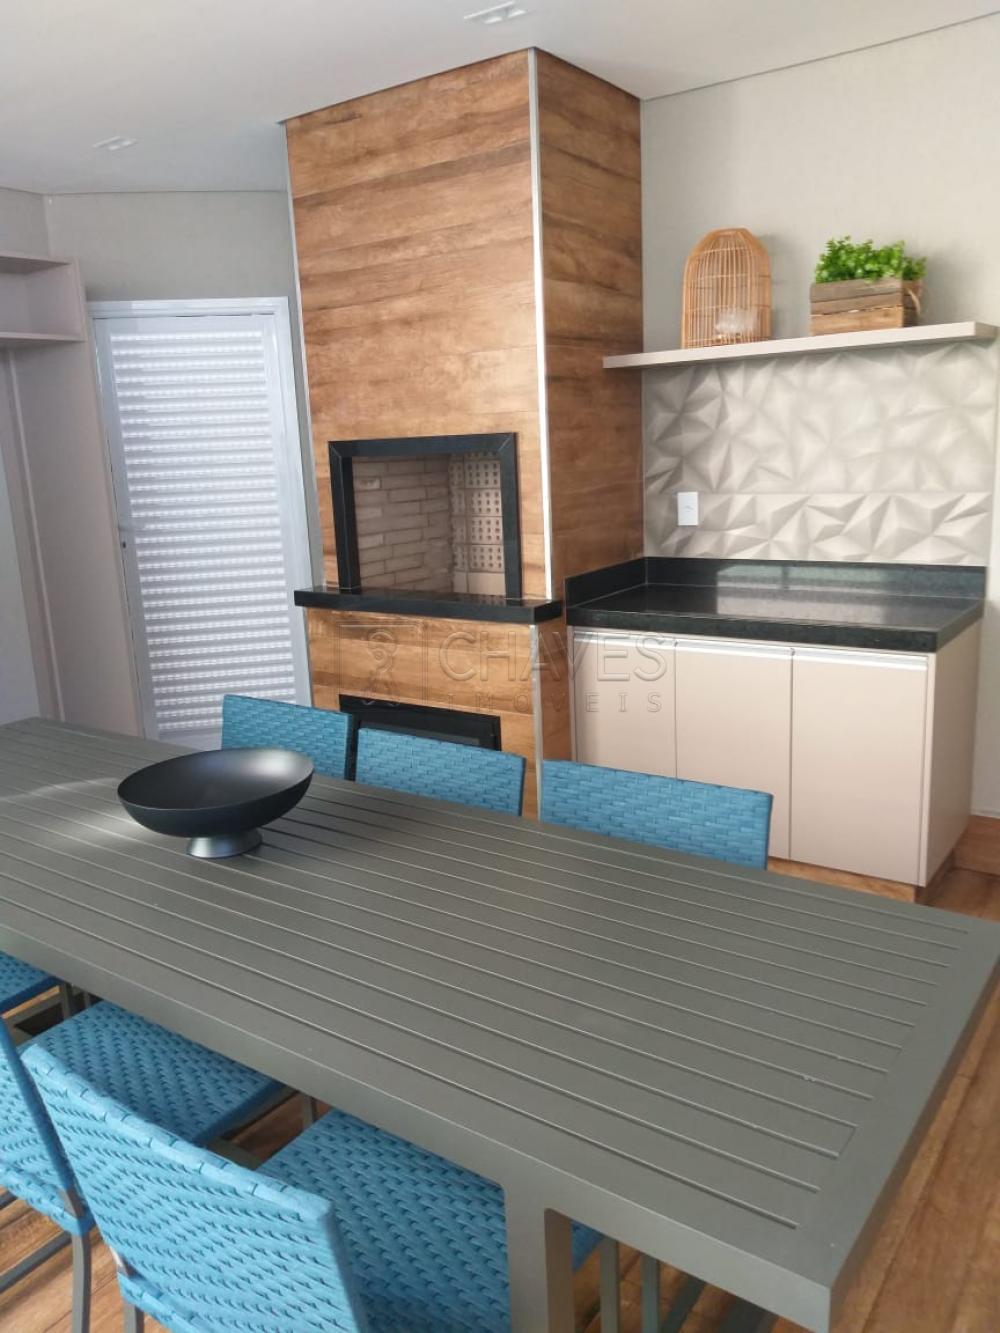 Comprar Apartamento / Padrão em Ribeirão Preto apenas R$ 586.450,00 - Foto 2